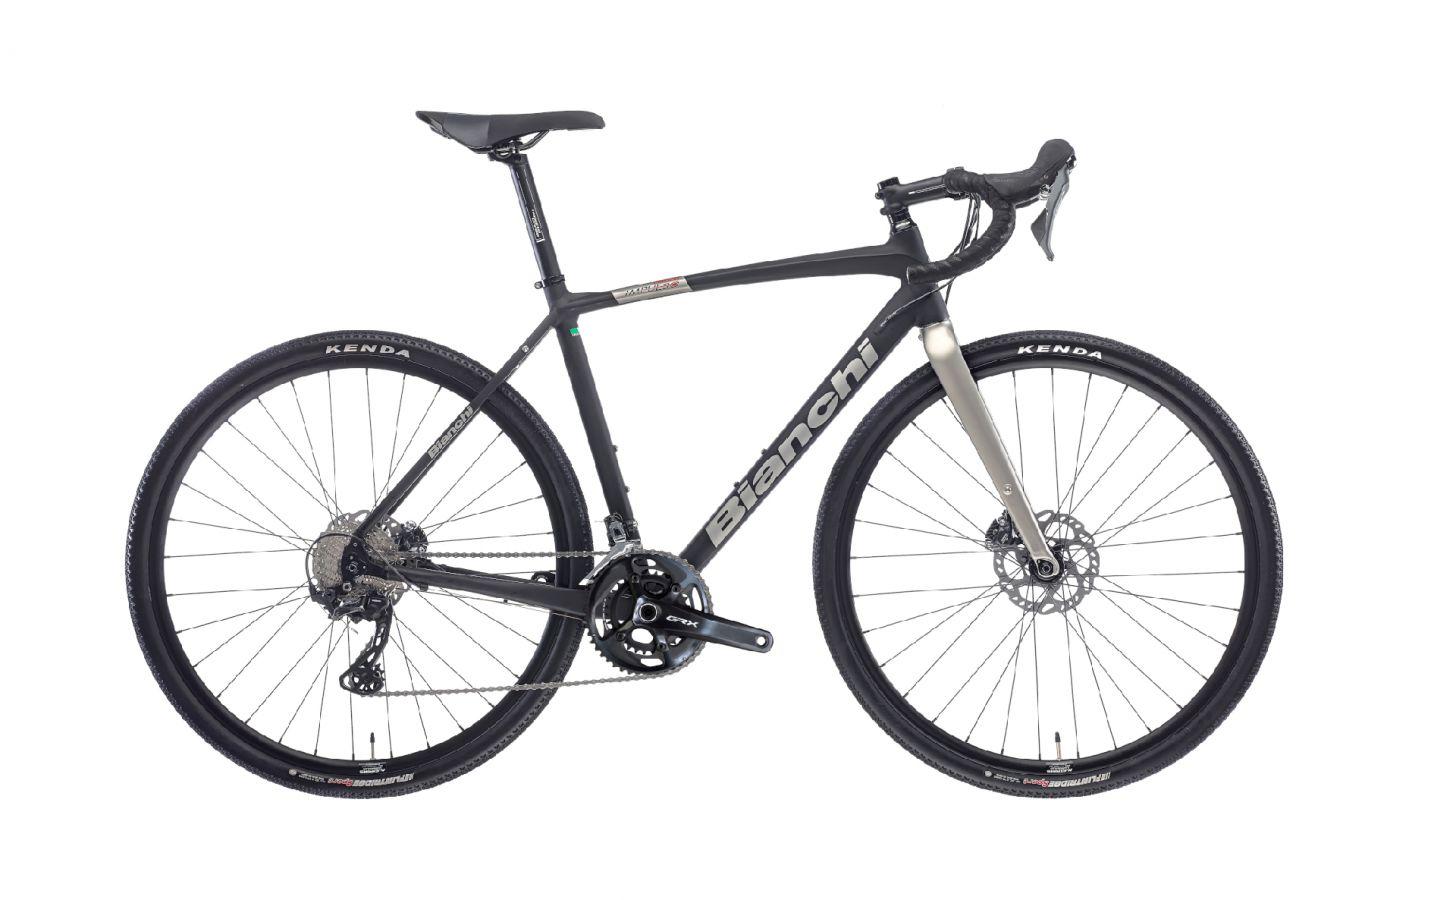 Gravel & CX Bike Bianchi Impulso AllRoad GRX 810 11SP